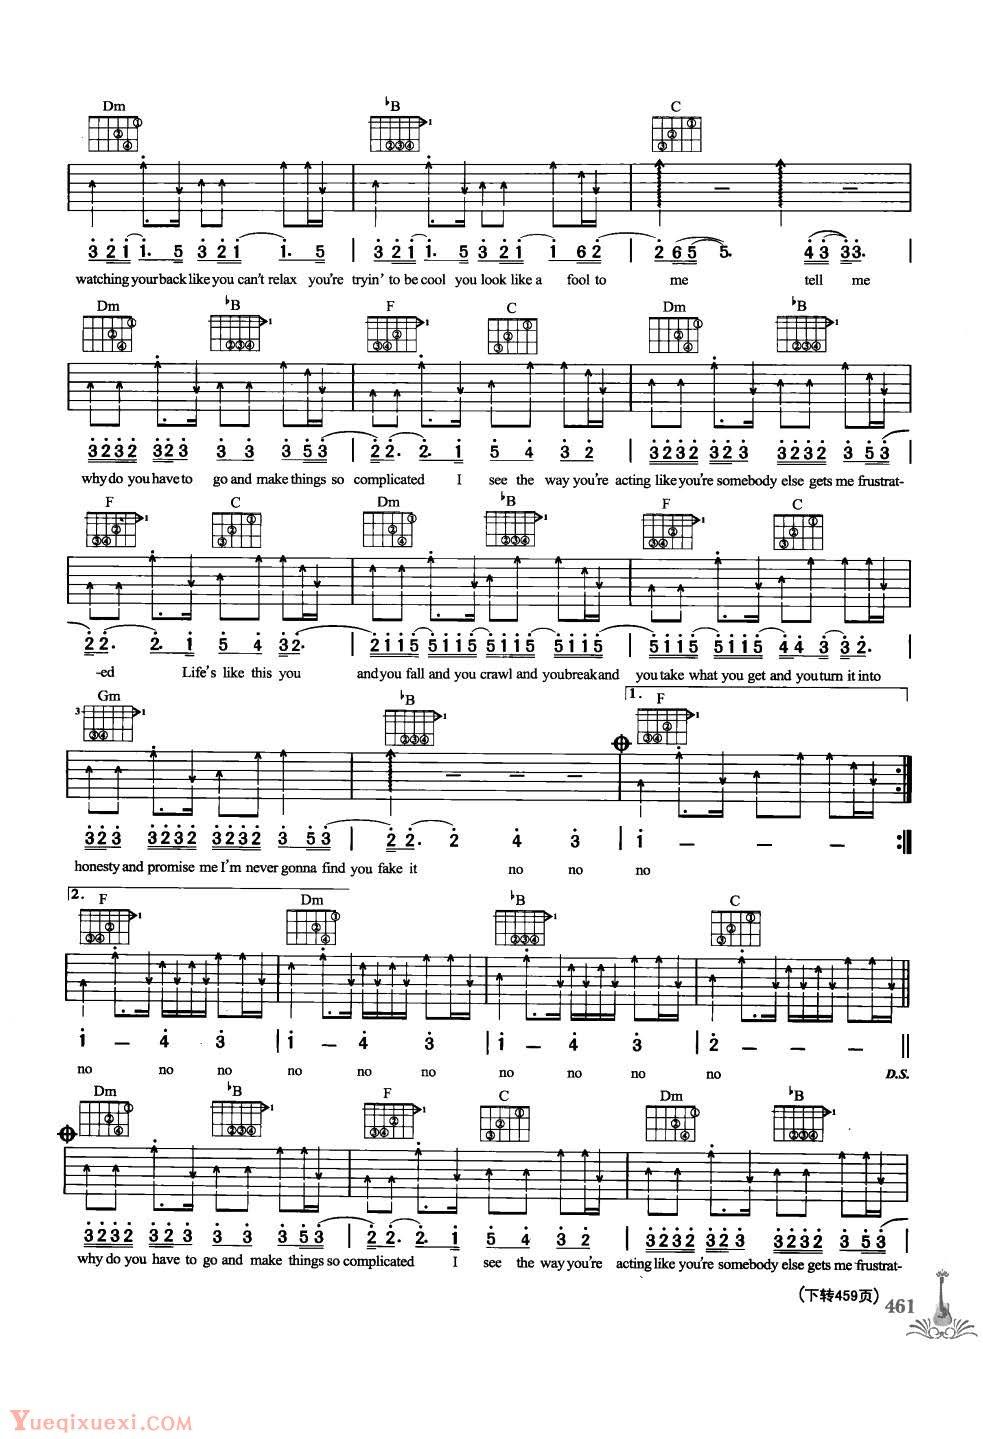 吉他弹唱222首超级流行歌曲谱:Complicated(艾薇儿)